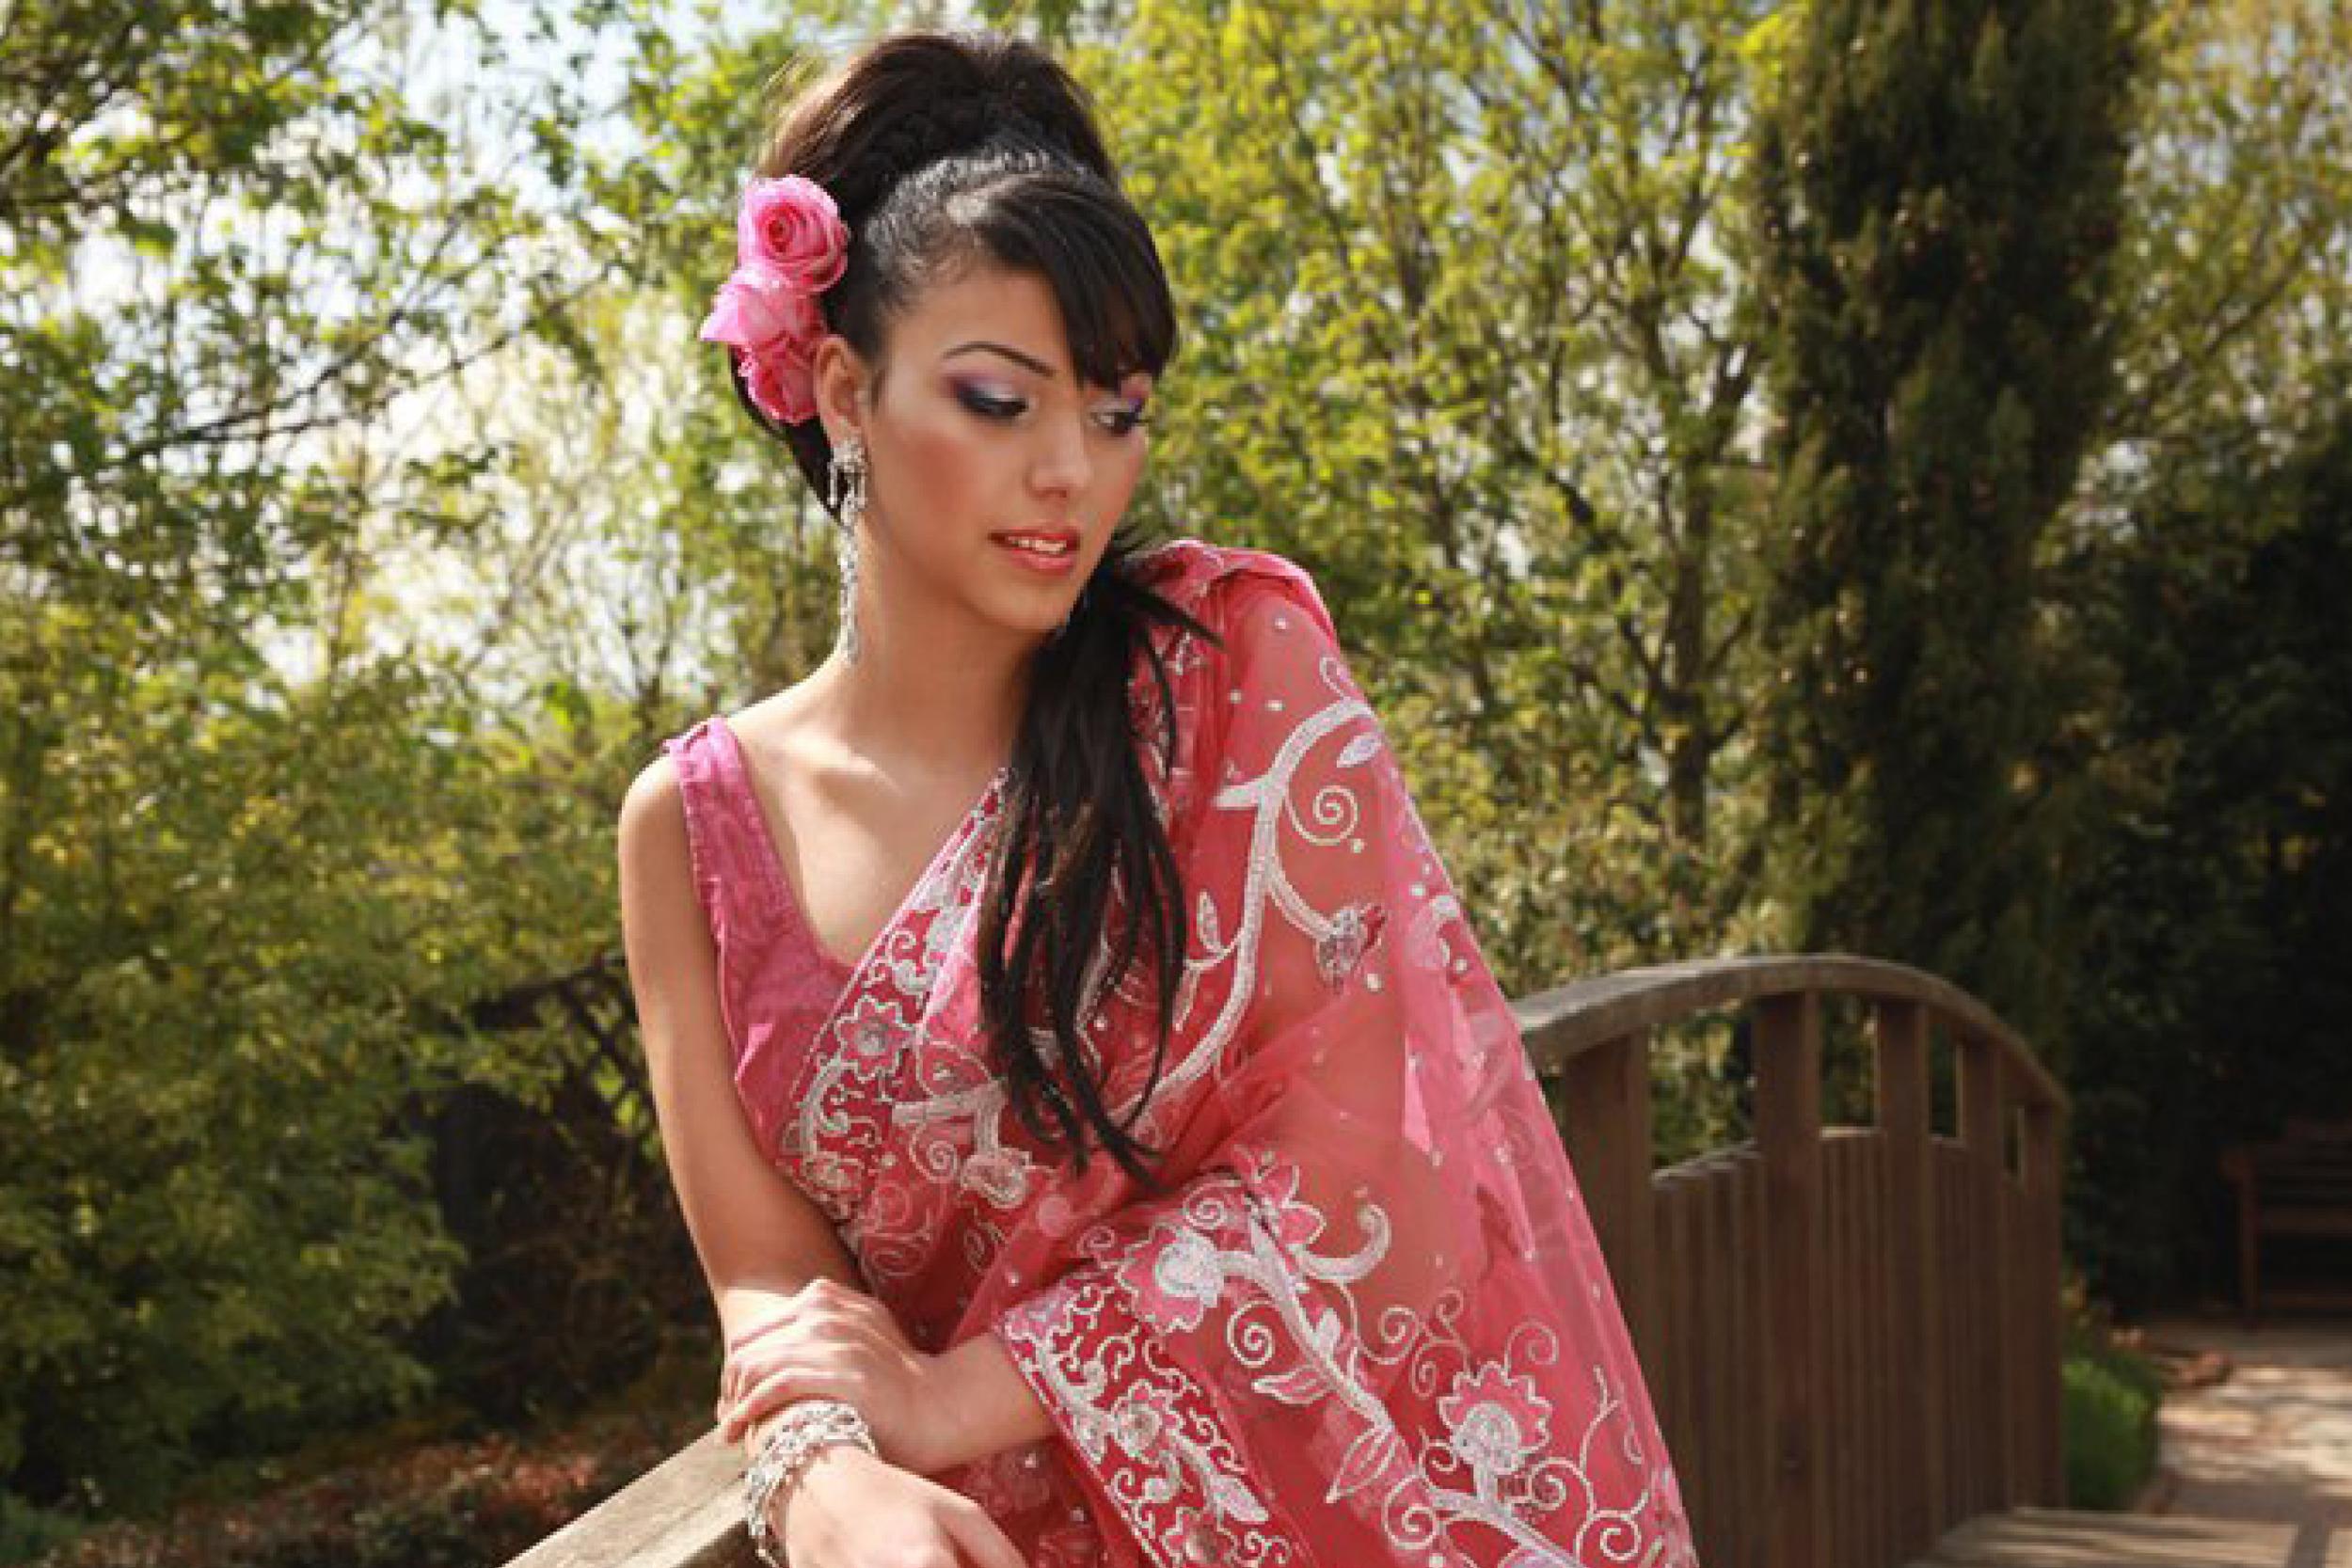 Makeup-bridal-Asian-bride-4012.jpg